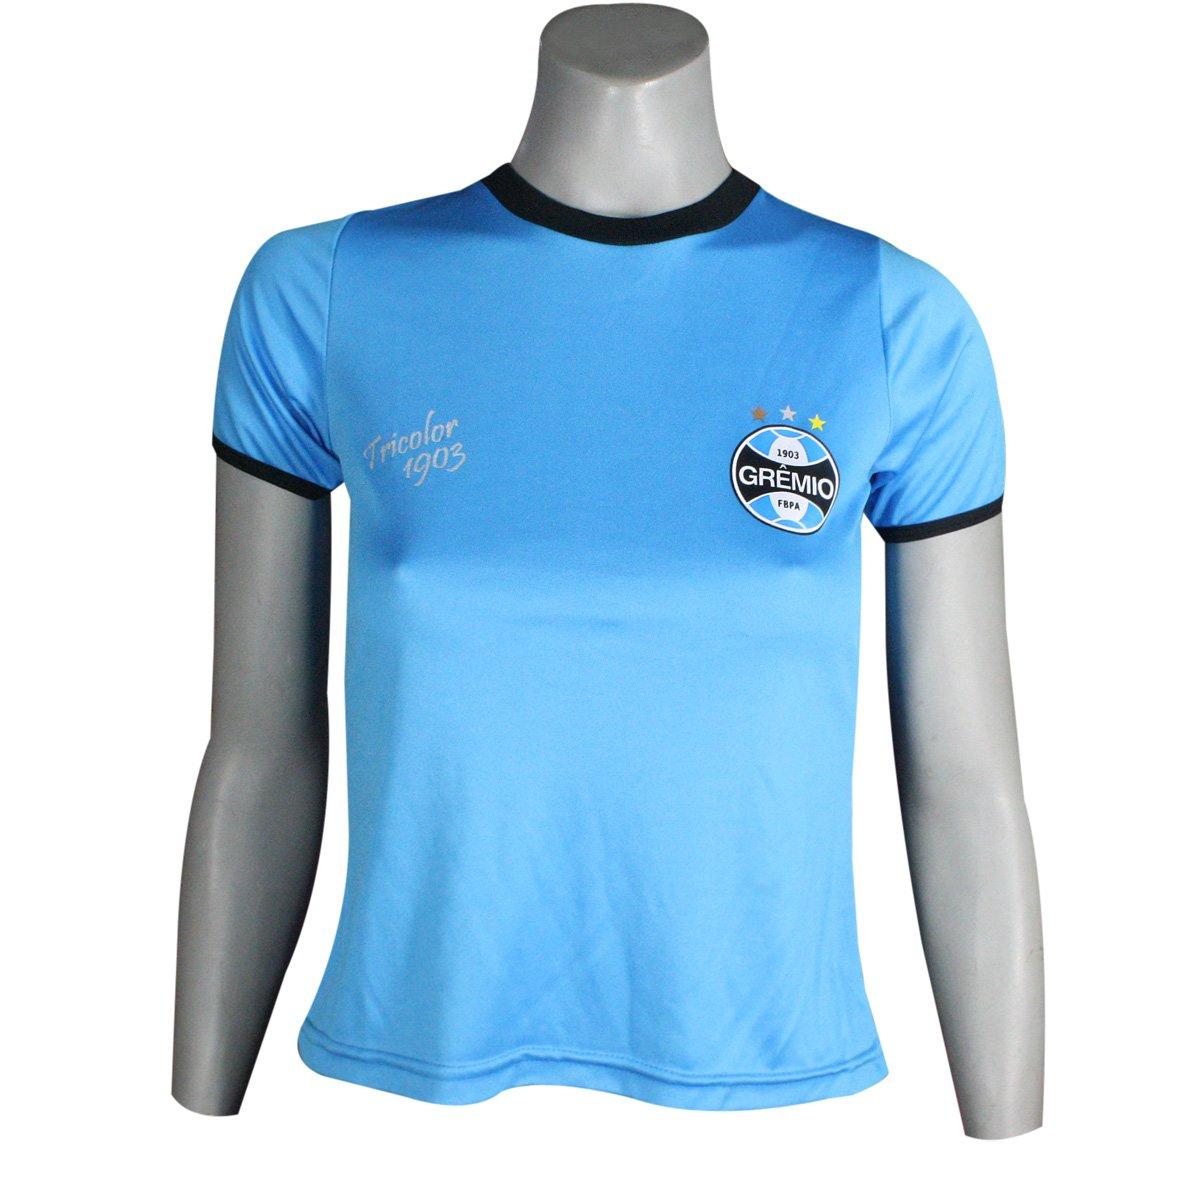 9fb65781d9e53 Camiseta Feminina Dilva Oldoni Grêmio G573 Celeste